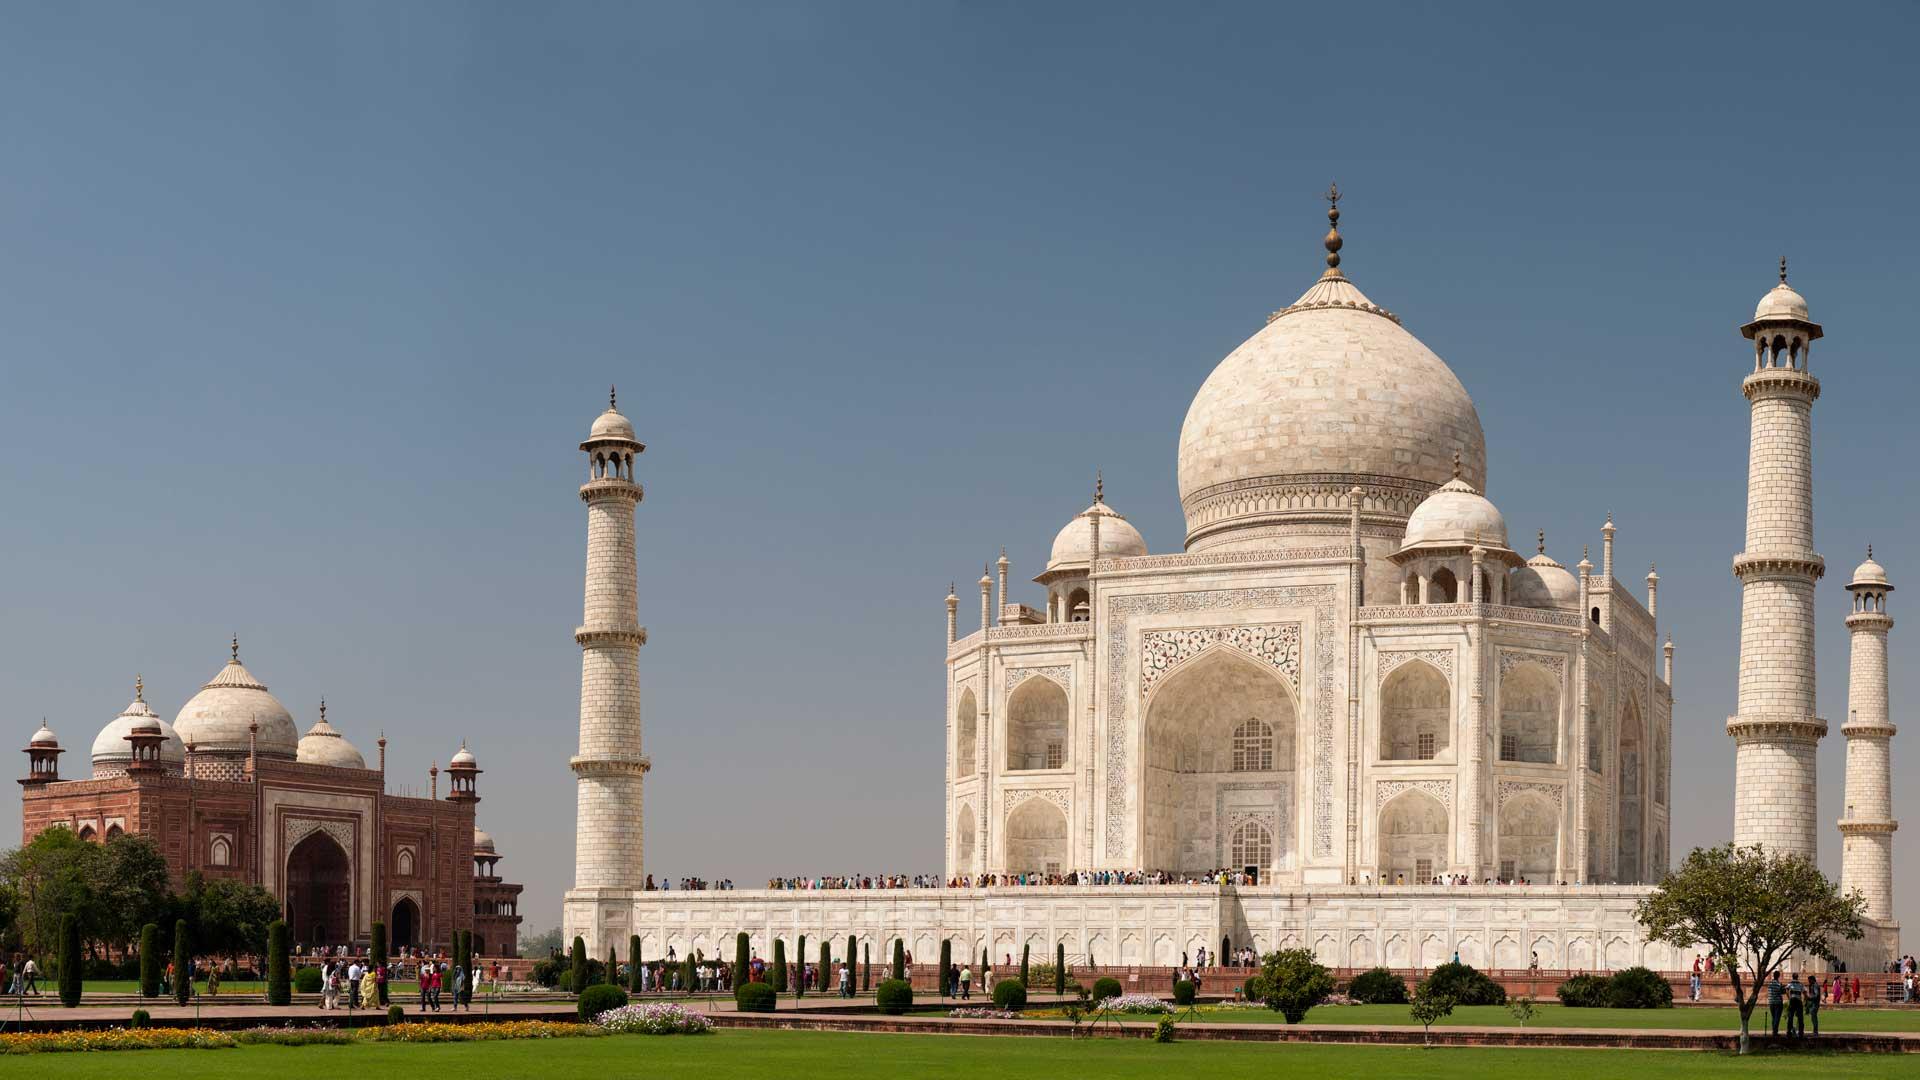 The glorious Taj Mahal in Agra, India with GeoEx